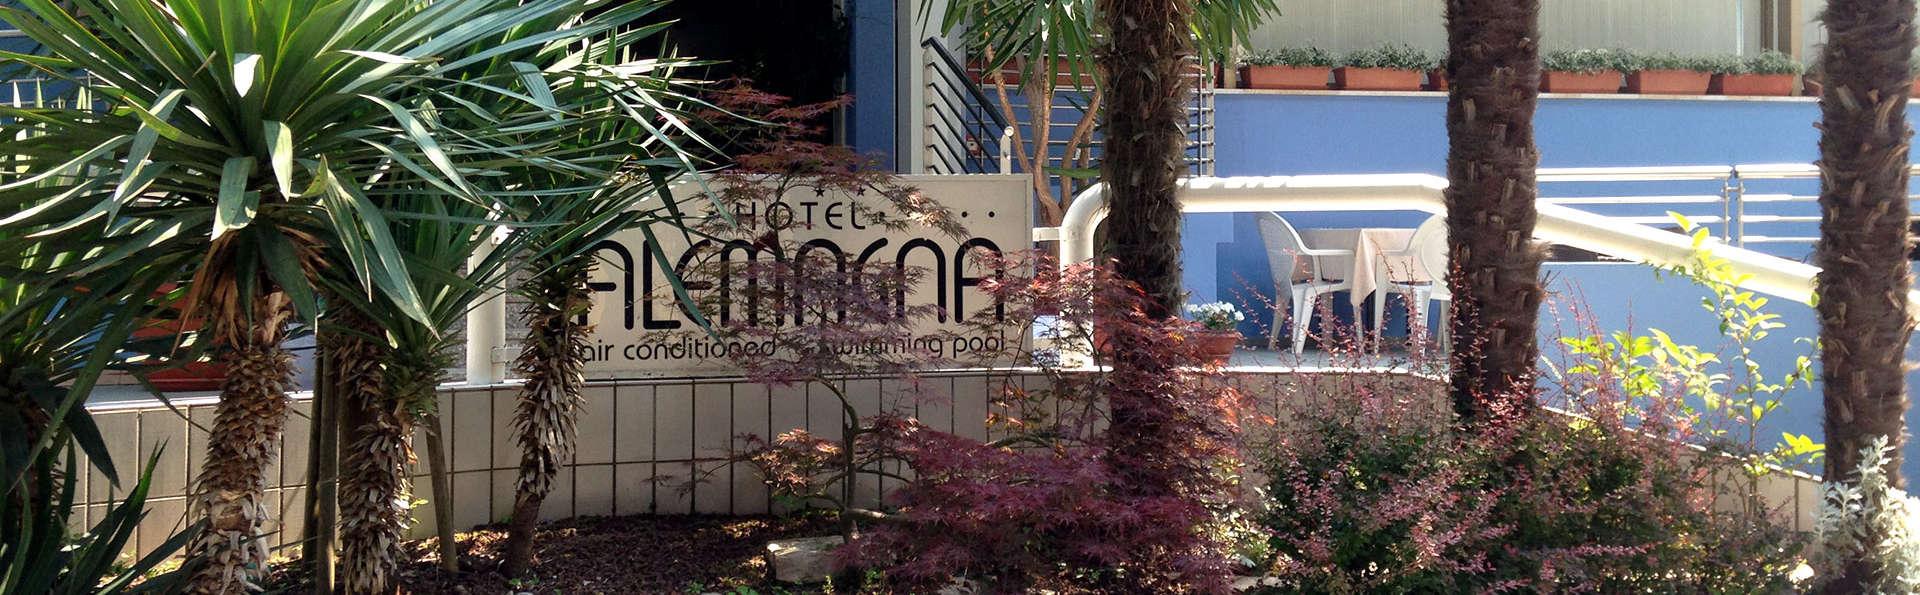 Hotel Alemagna - Edit_Front2.jpg